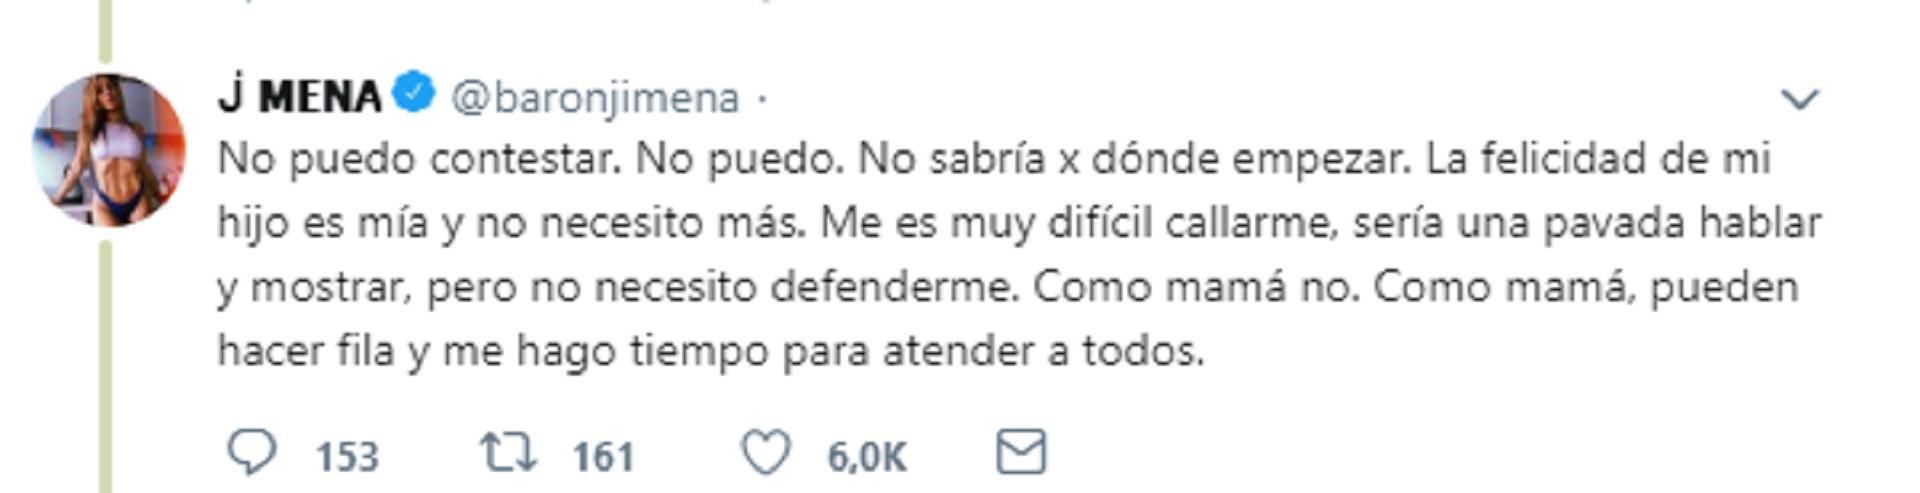 Las palabras de Jimena Barón ante la publicación de Daniel Osvaldo